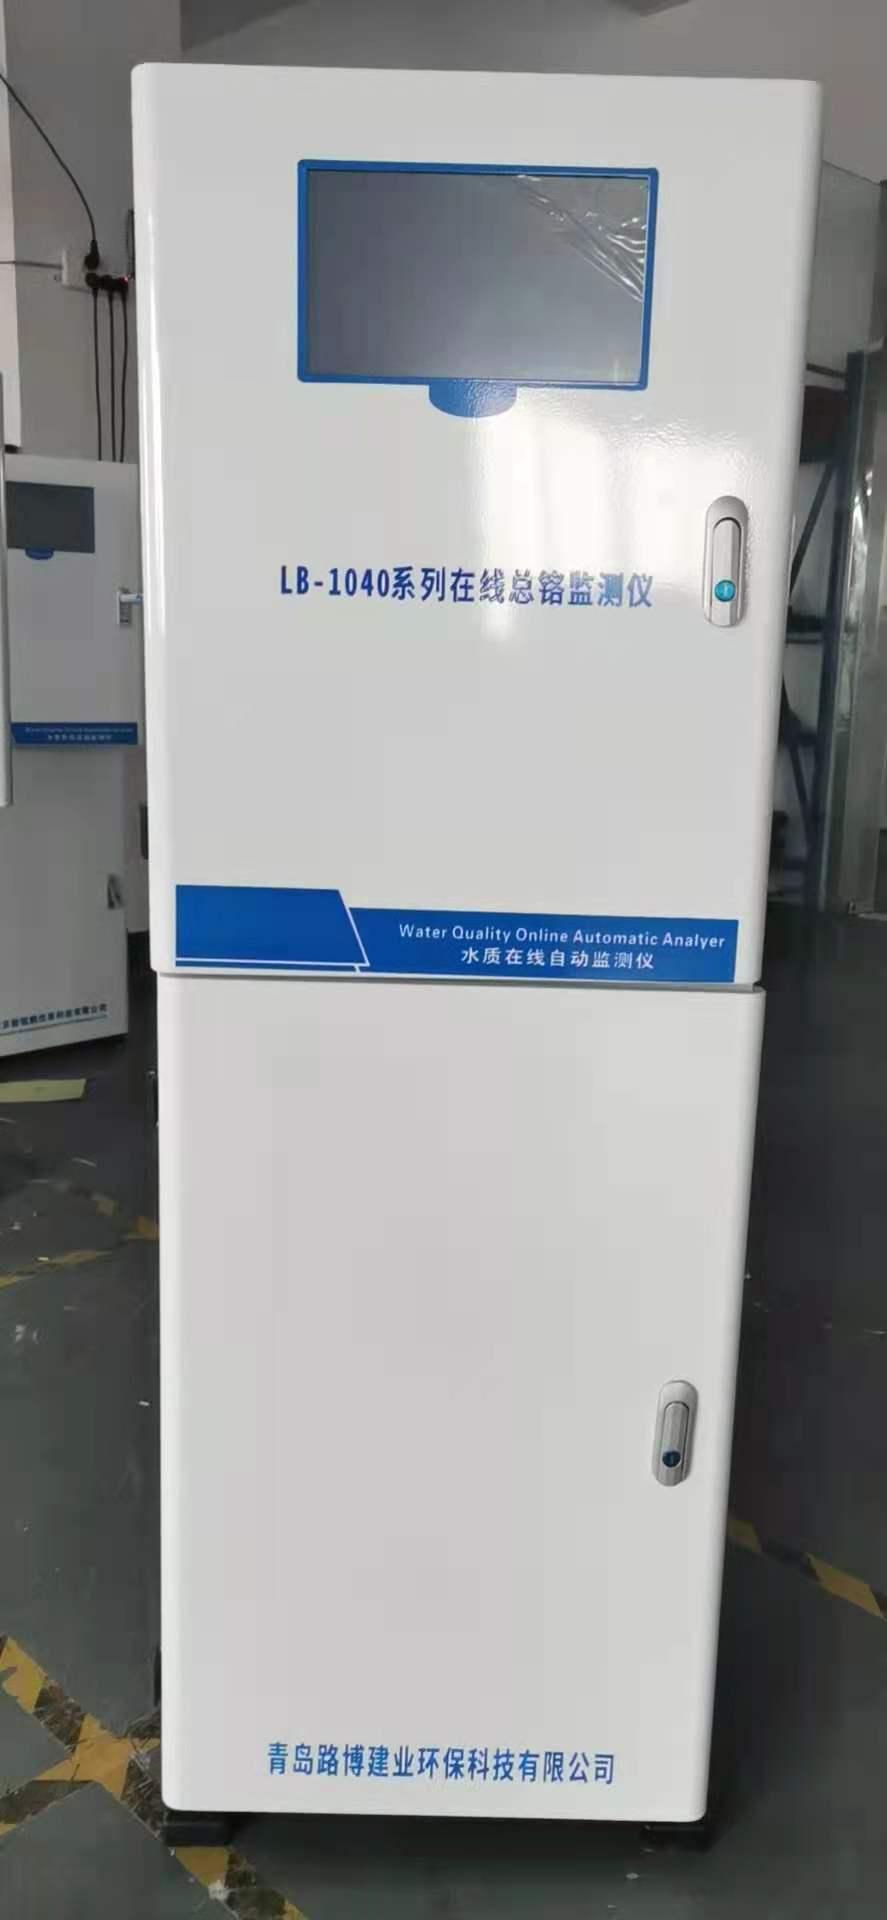 水质分析仪氨氮.jpg